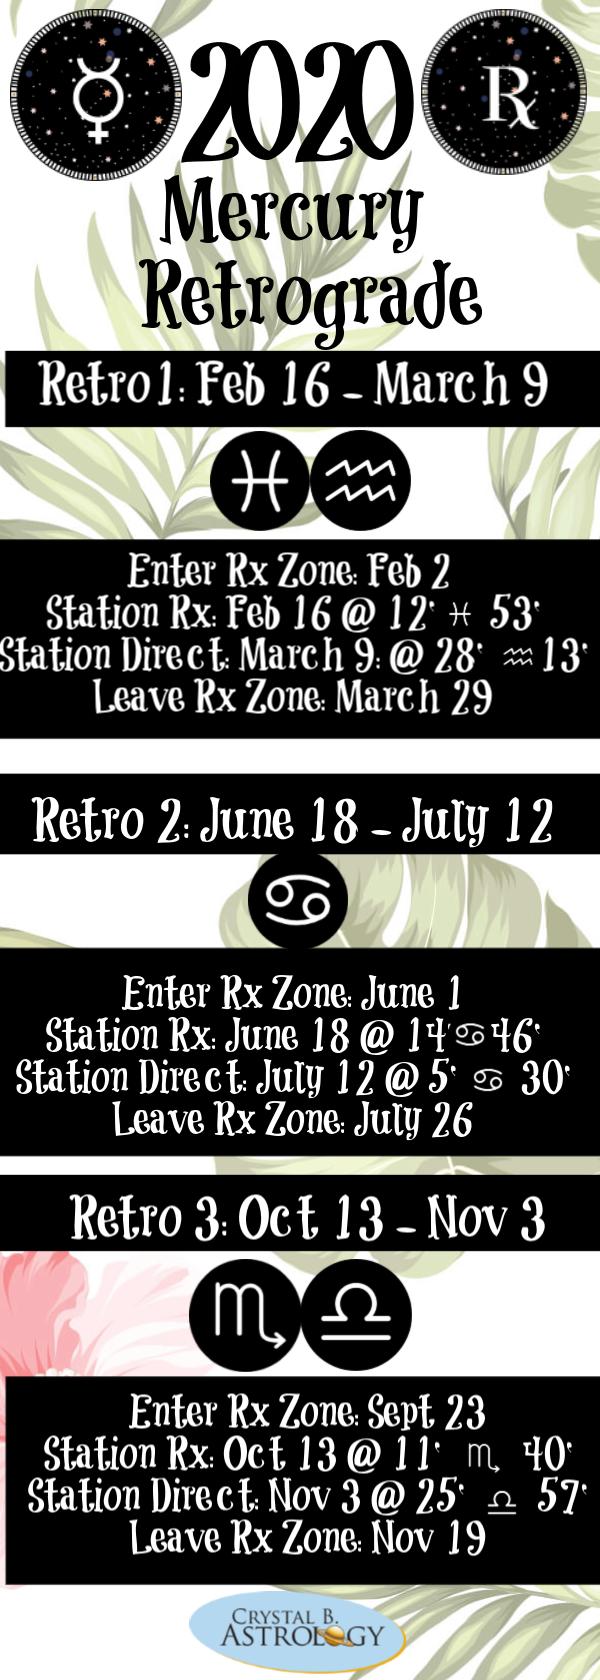 Mercury Retrograde Calendar 2022.Mercury Retrograde Crystal B Astrology Mercury Retrograde Mercury Retrograde Calendar Mercury Retrograde Dates